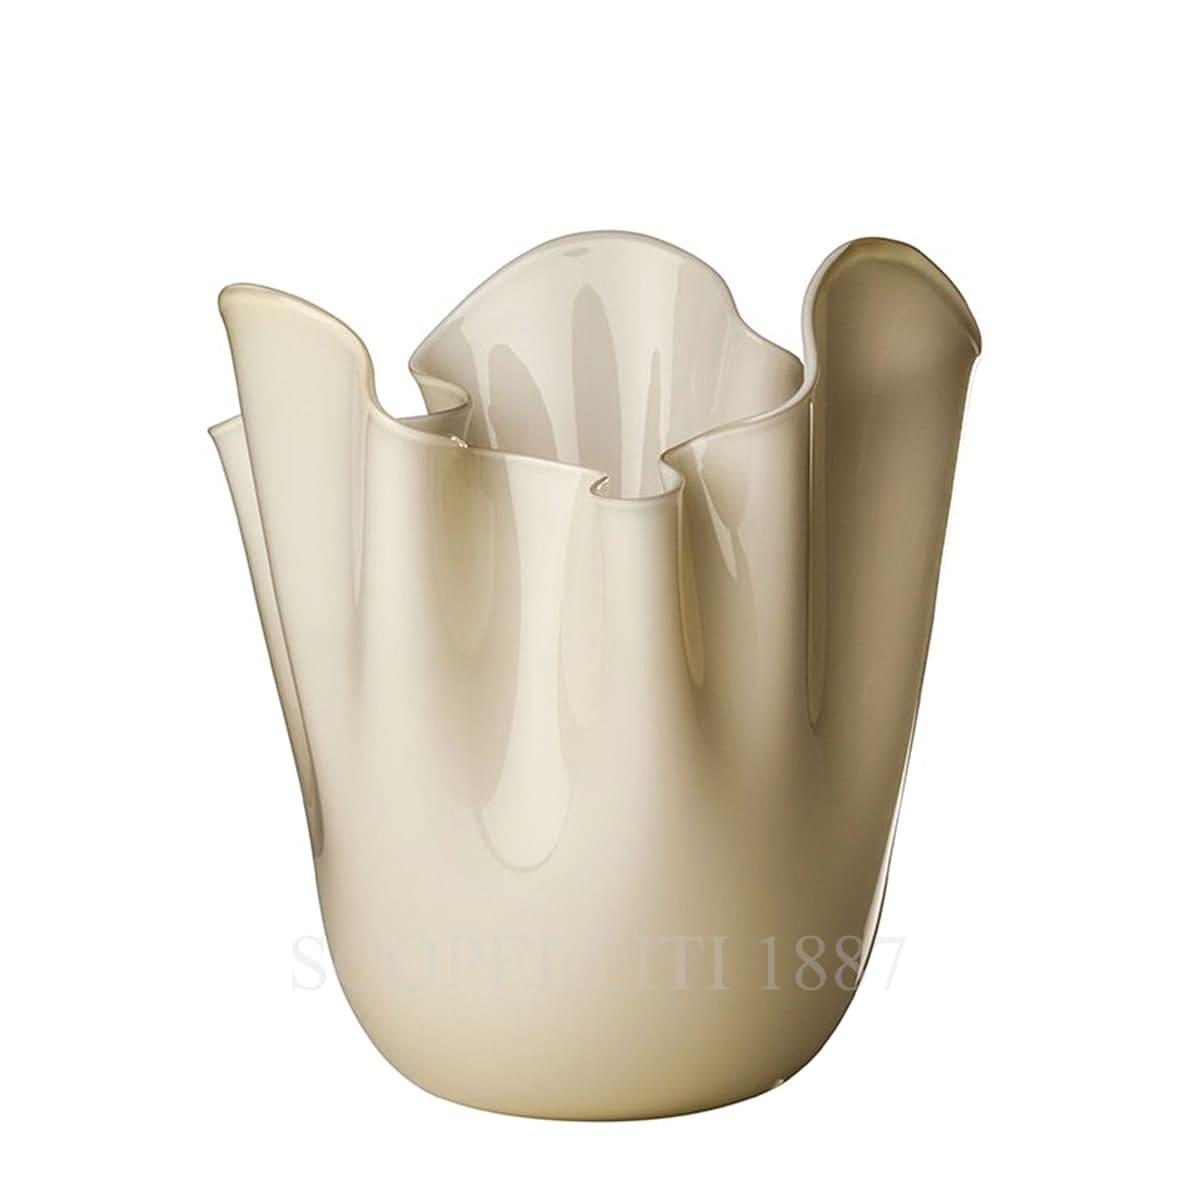 fazzoletto venini vase murano glass avory